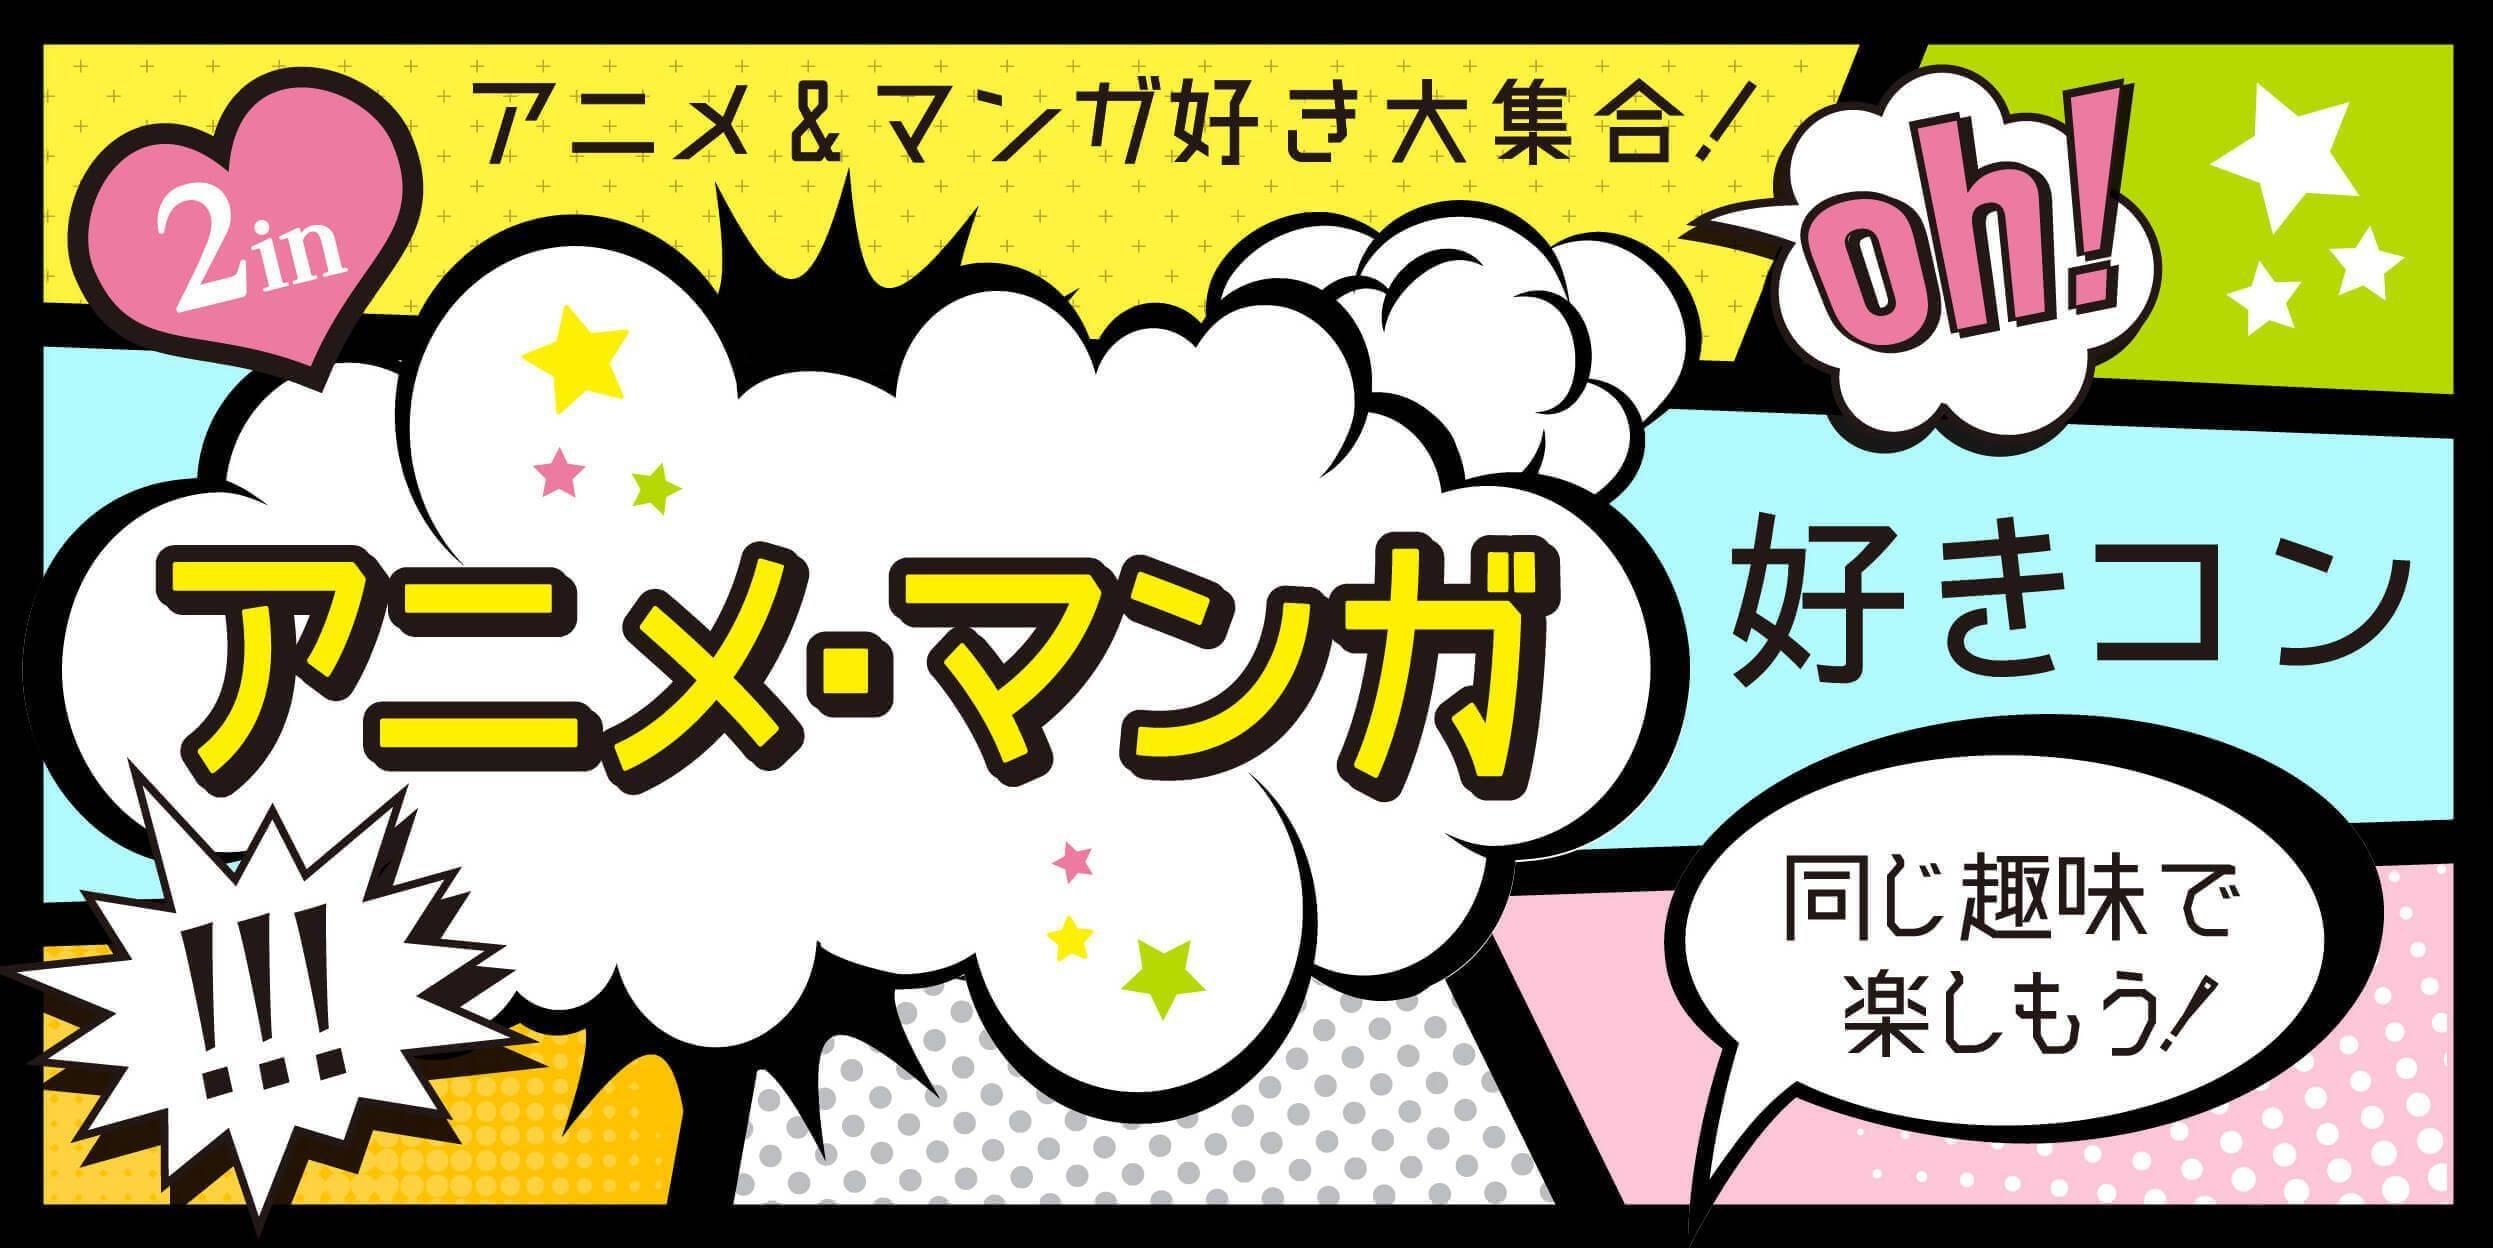 【高松のプチ街コン】合同会社ツイン主催 2017年7月30日